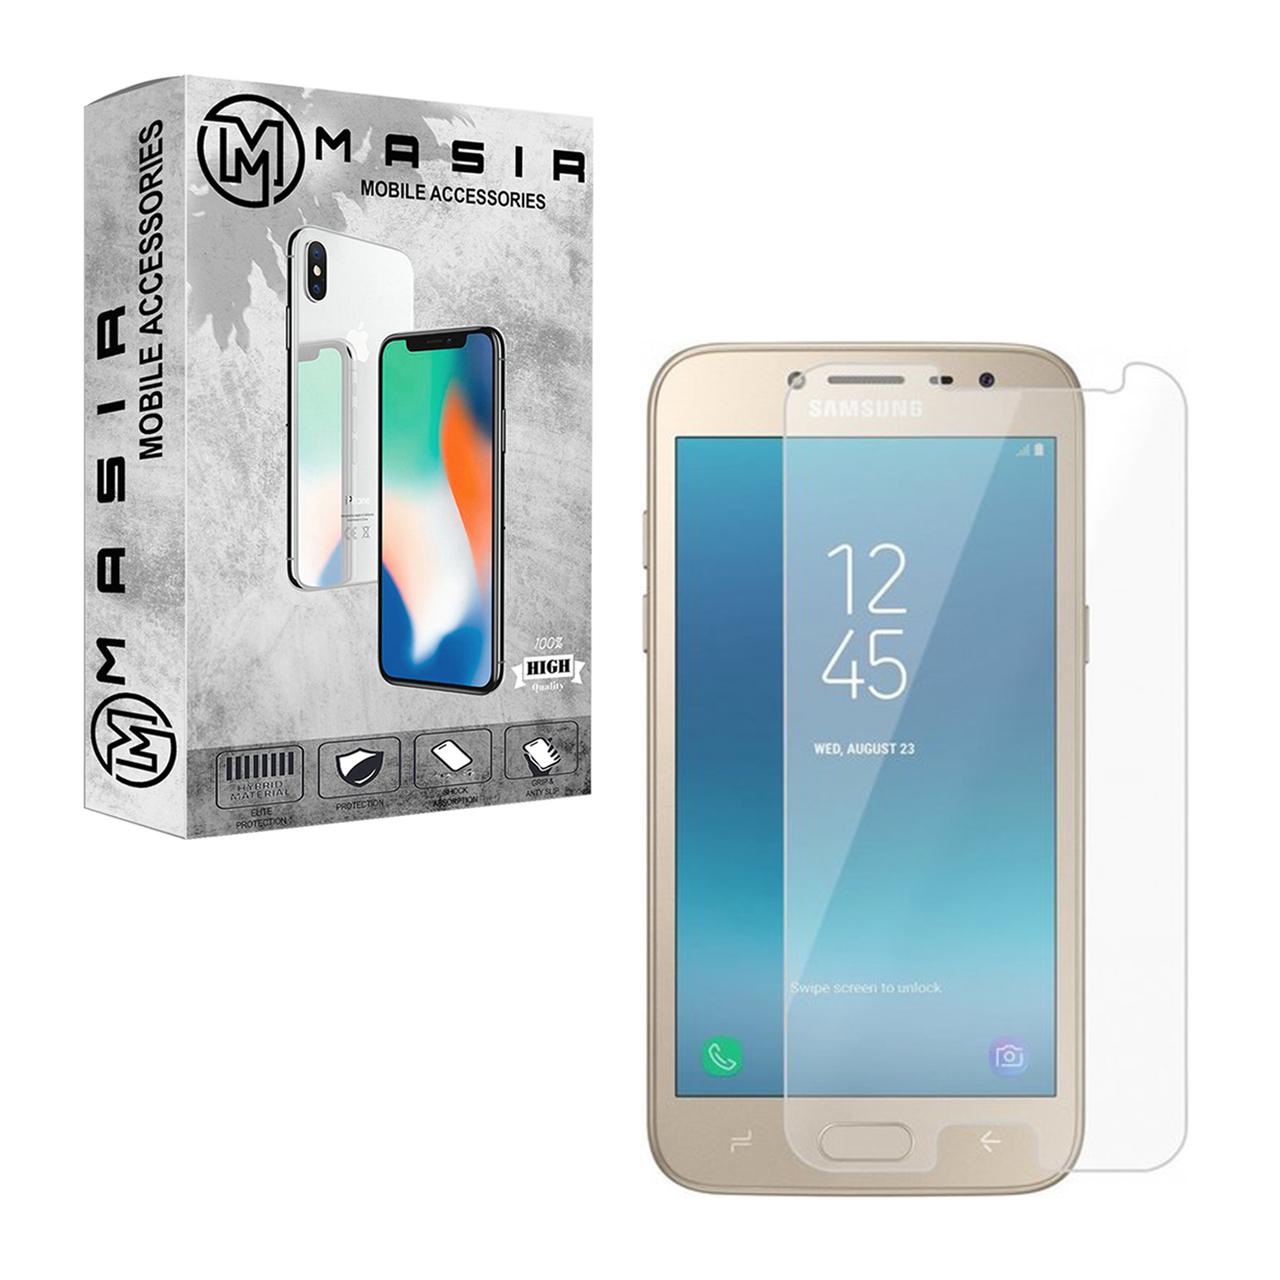 محافظ صفحه نمایش مسیر مدل MGMJ-1 مناسب برای گوشی موبایلسامسونگ Galaxy Grand Prime Pro